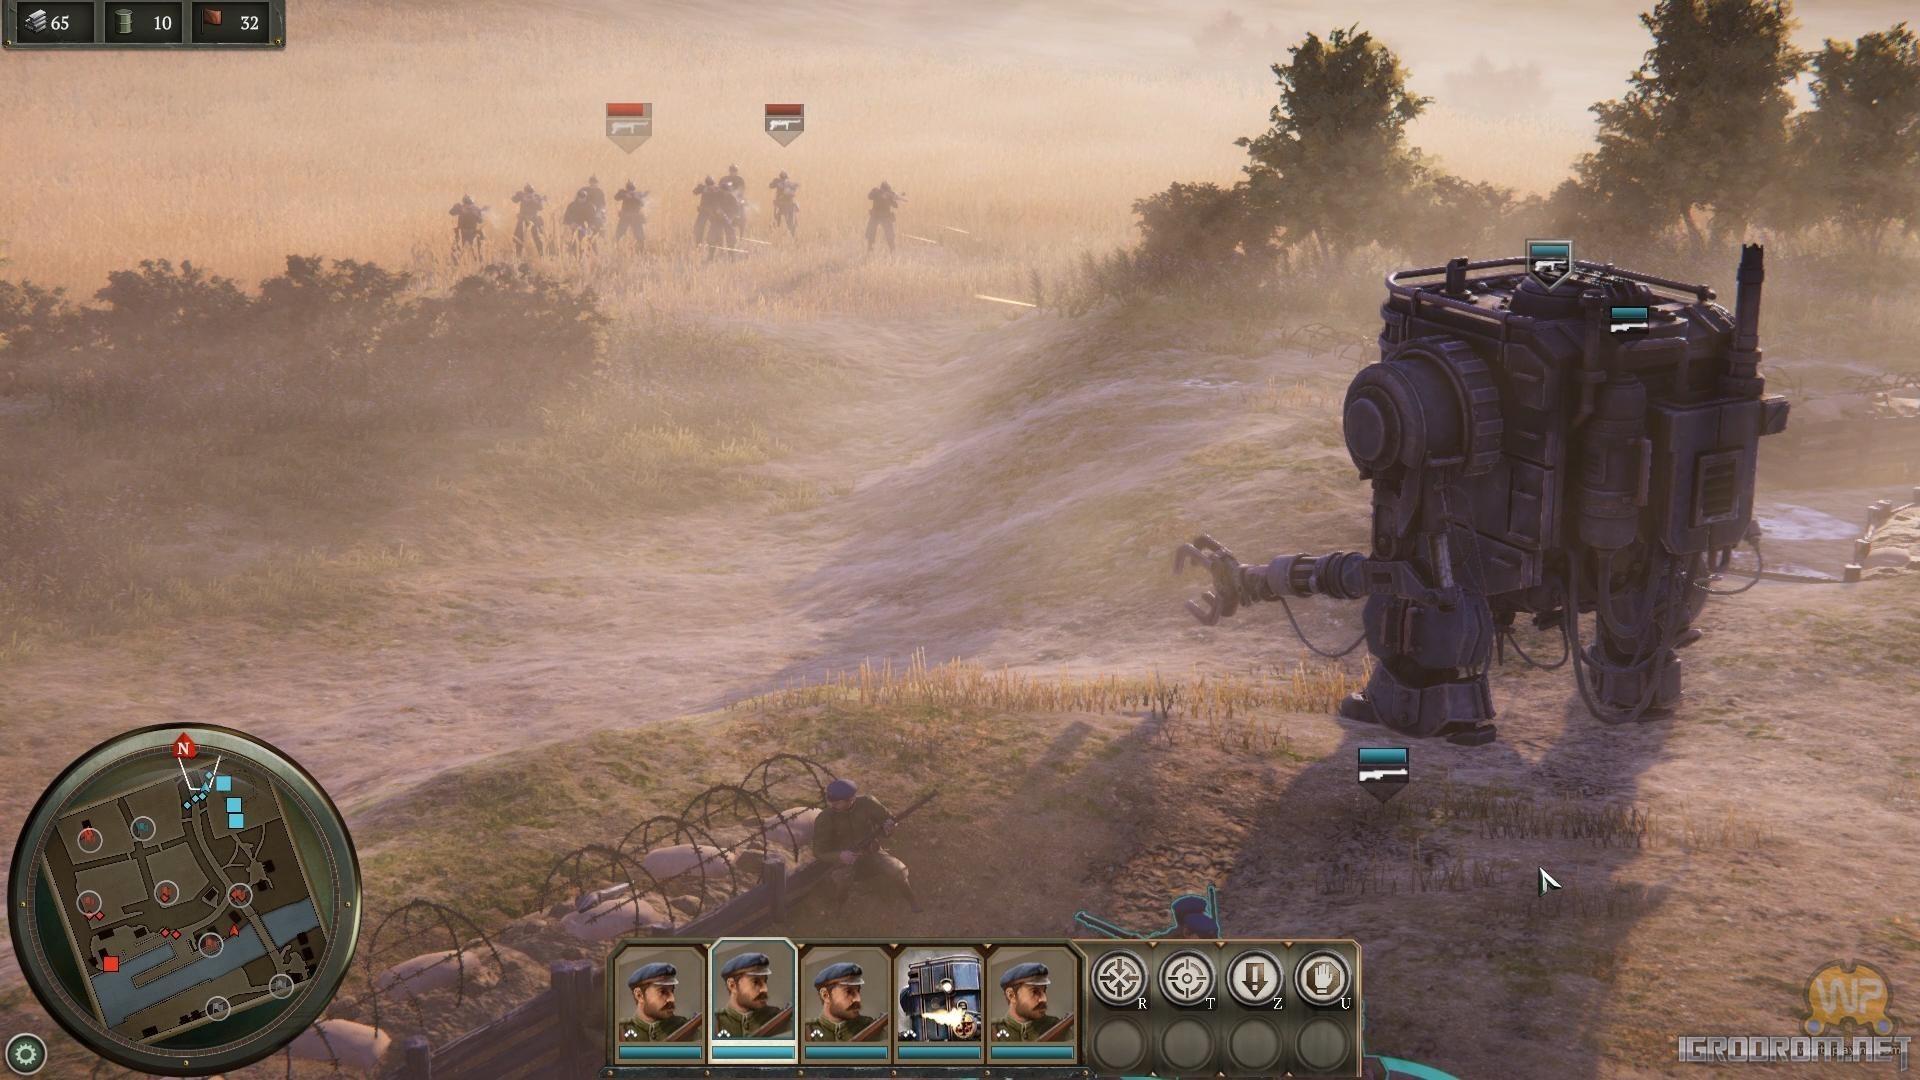 Новые подробности перед стартом Kickstarter-кампании  1190